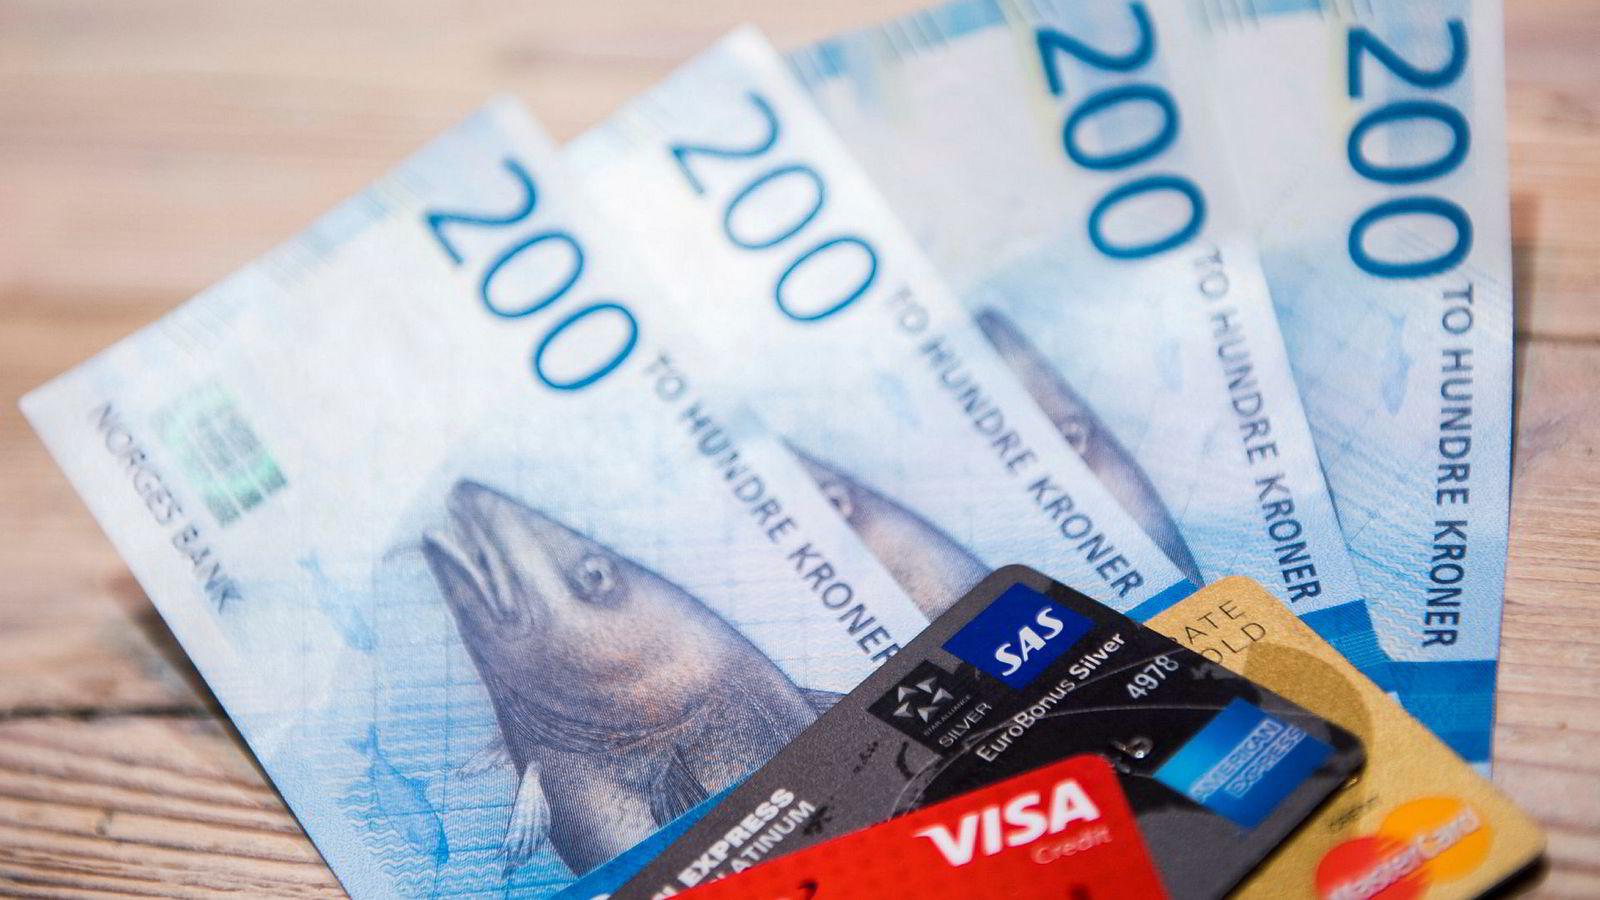 Mange studenter mener de sliter med å få endene til å møtes økonomisk. Forbrukerøkonom advarer ungdommen mot å bruke kredittkort som en enkel løsning.